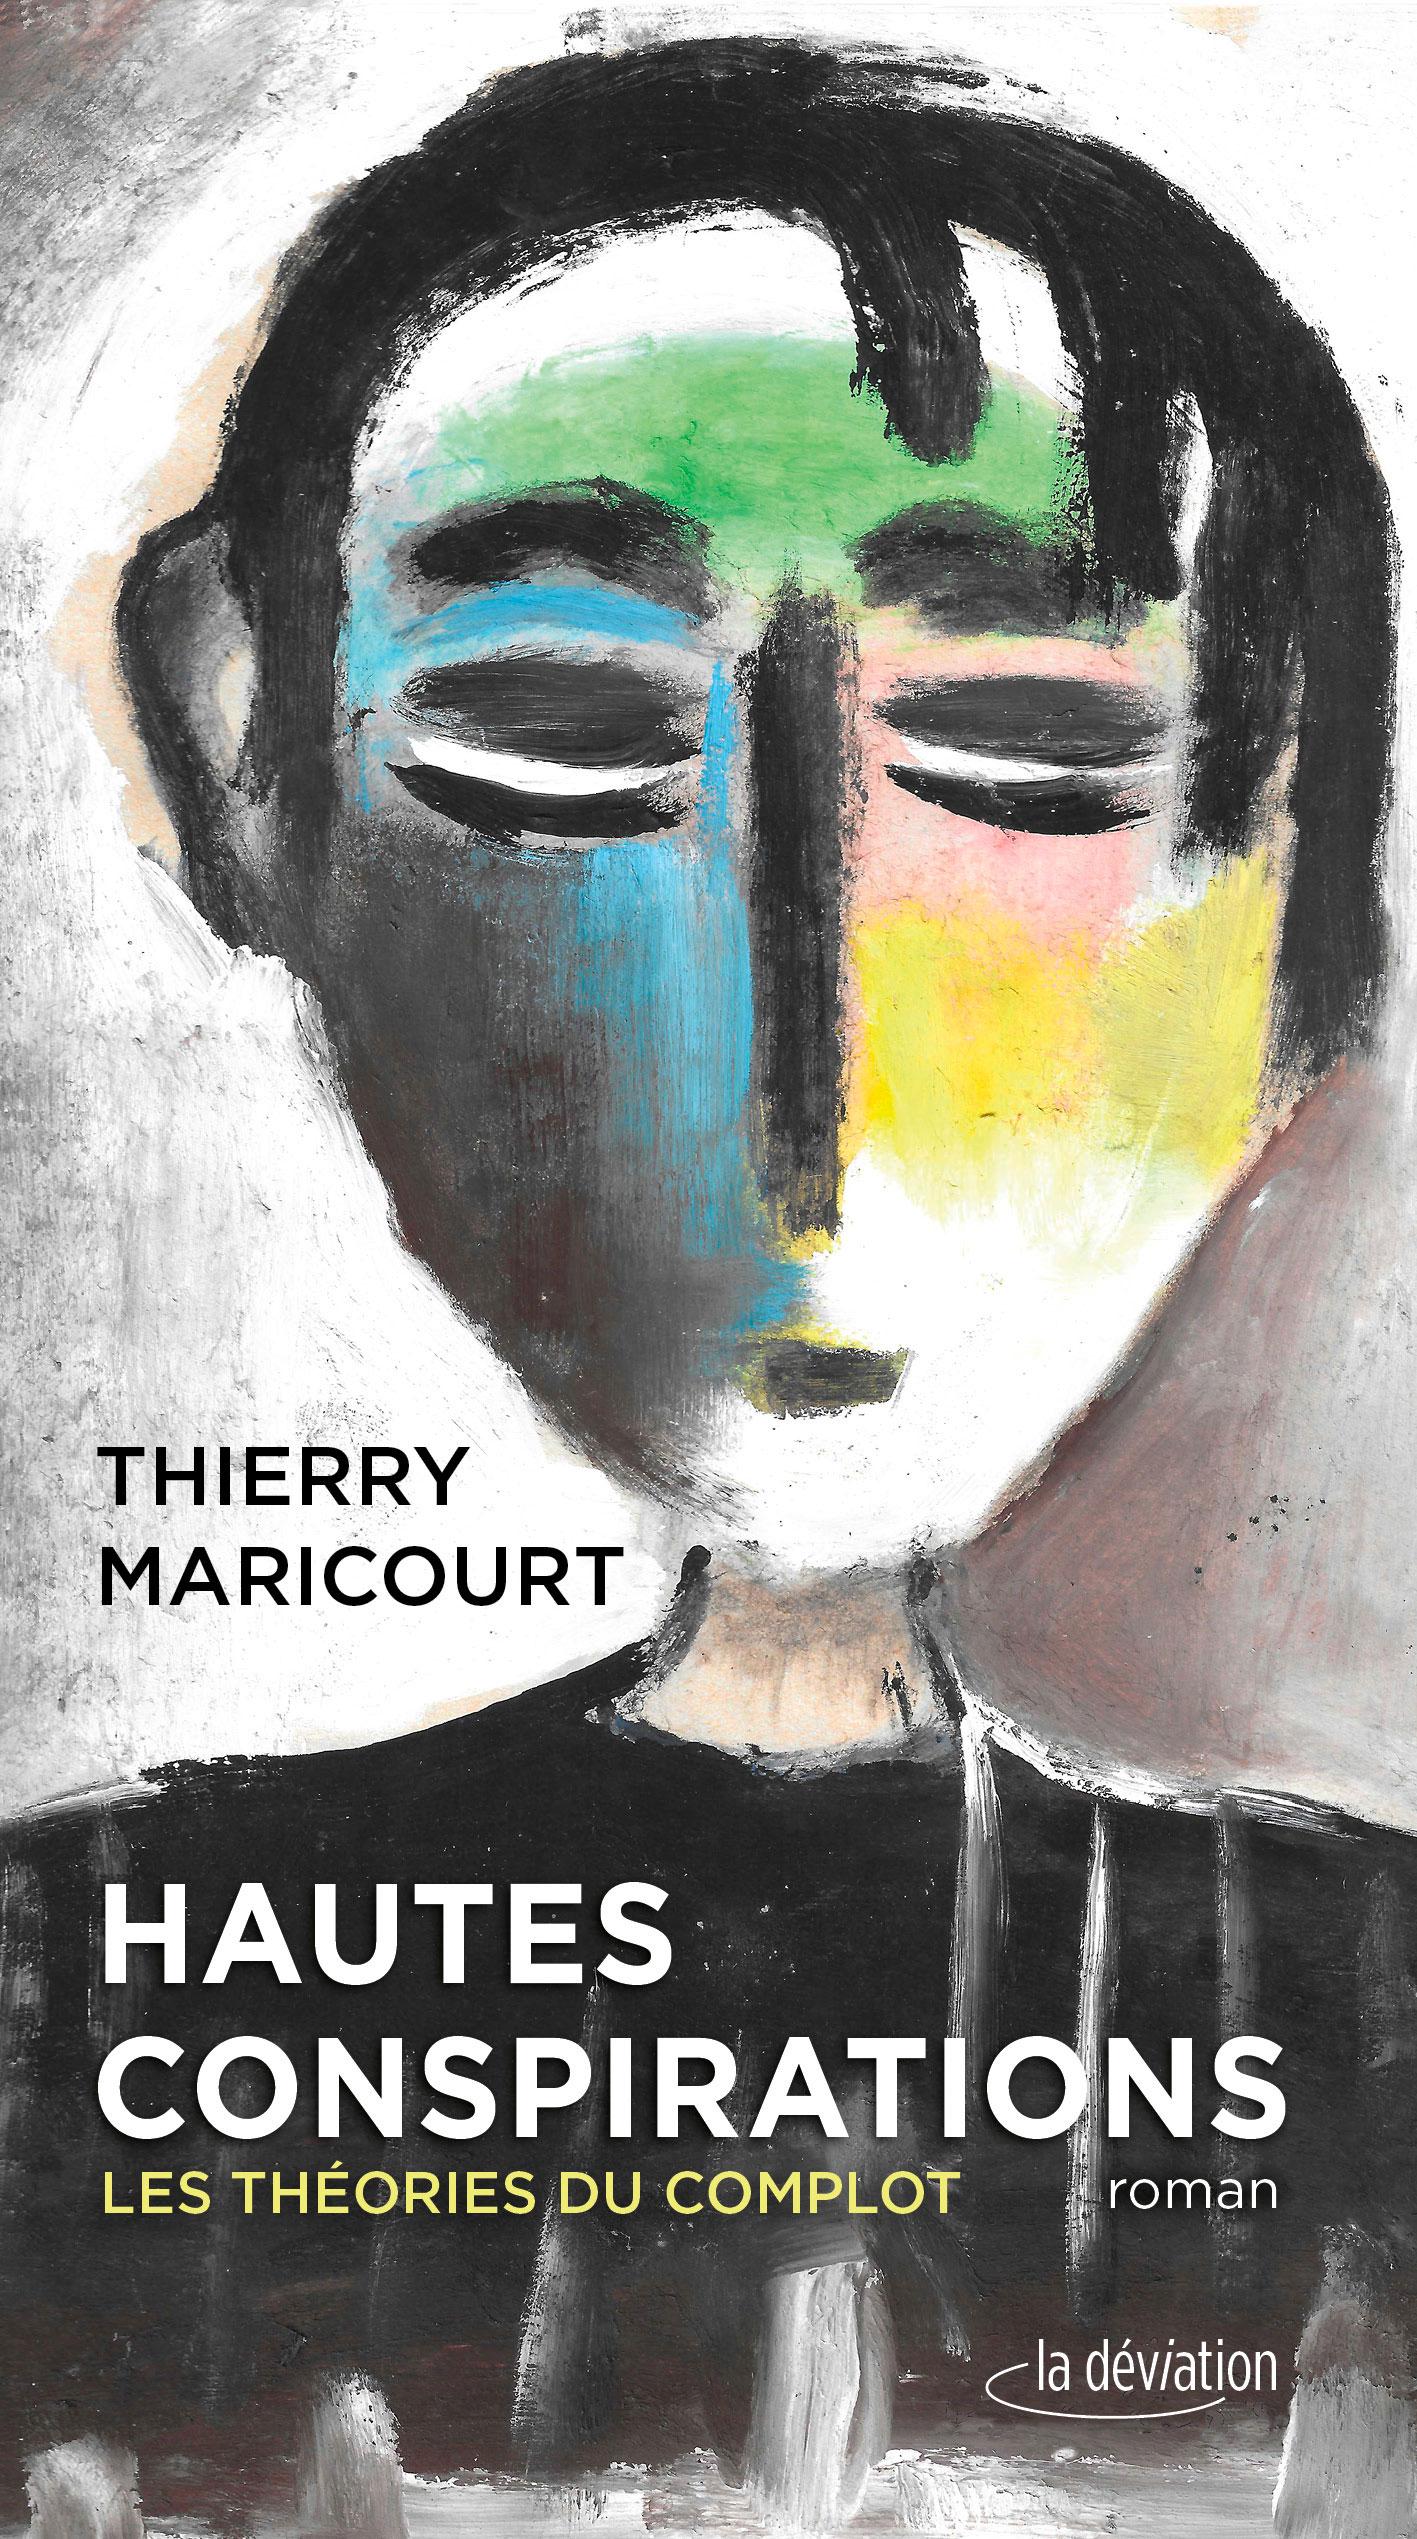 Hautes conspirations, les théories du complot, Thierry Maricourt, éditions La Déviation